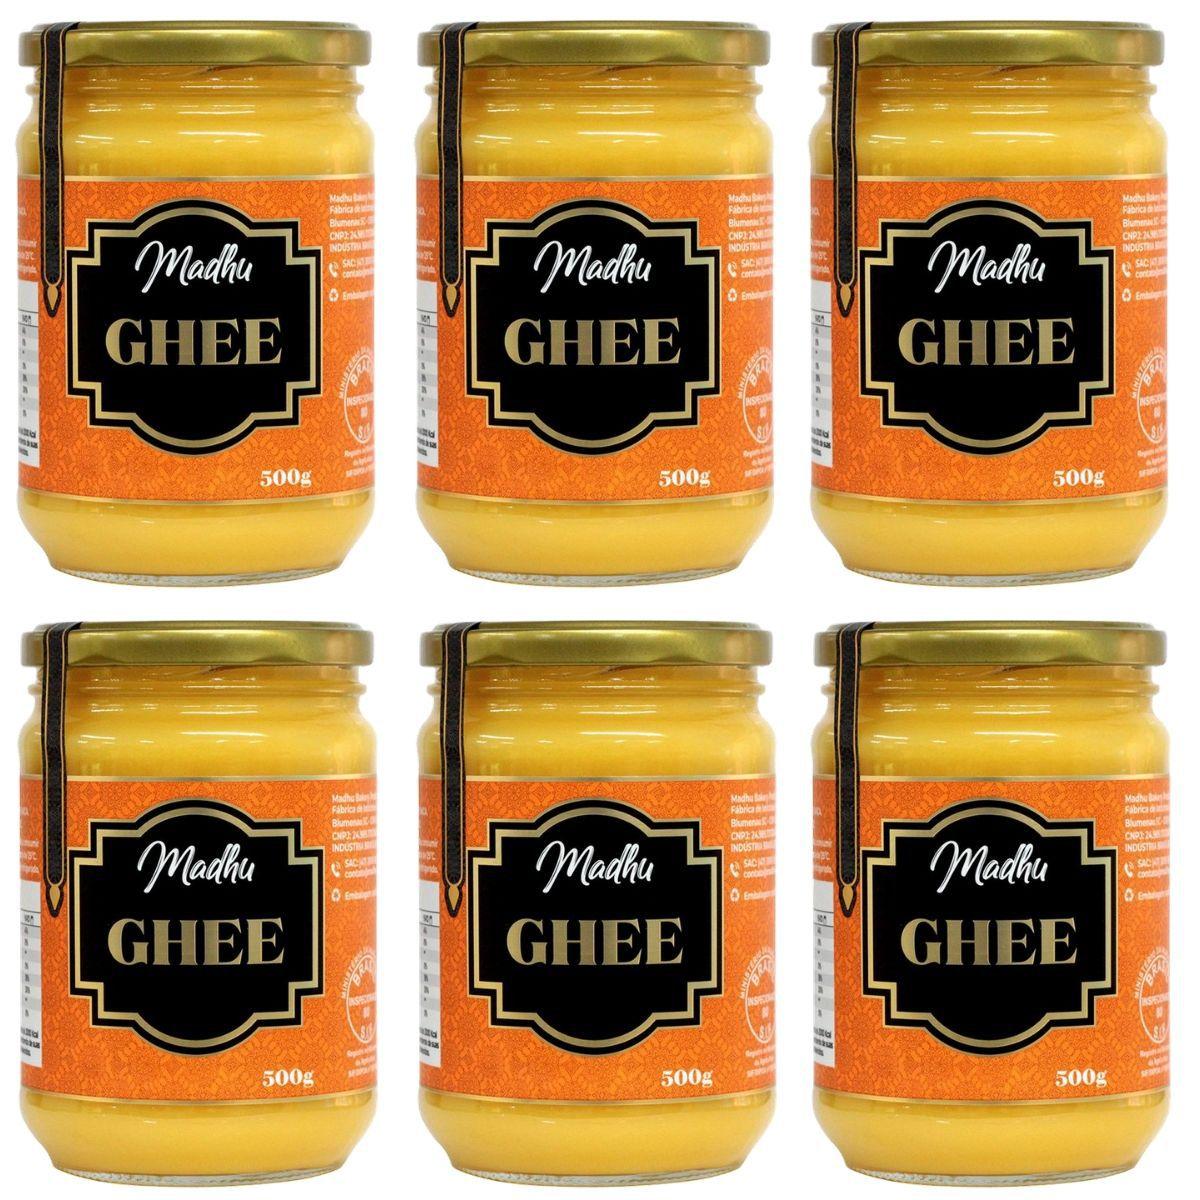 Kit 6 Manteigas Ghee 500g Tradicional Clarificada Zero Lactose